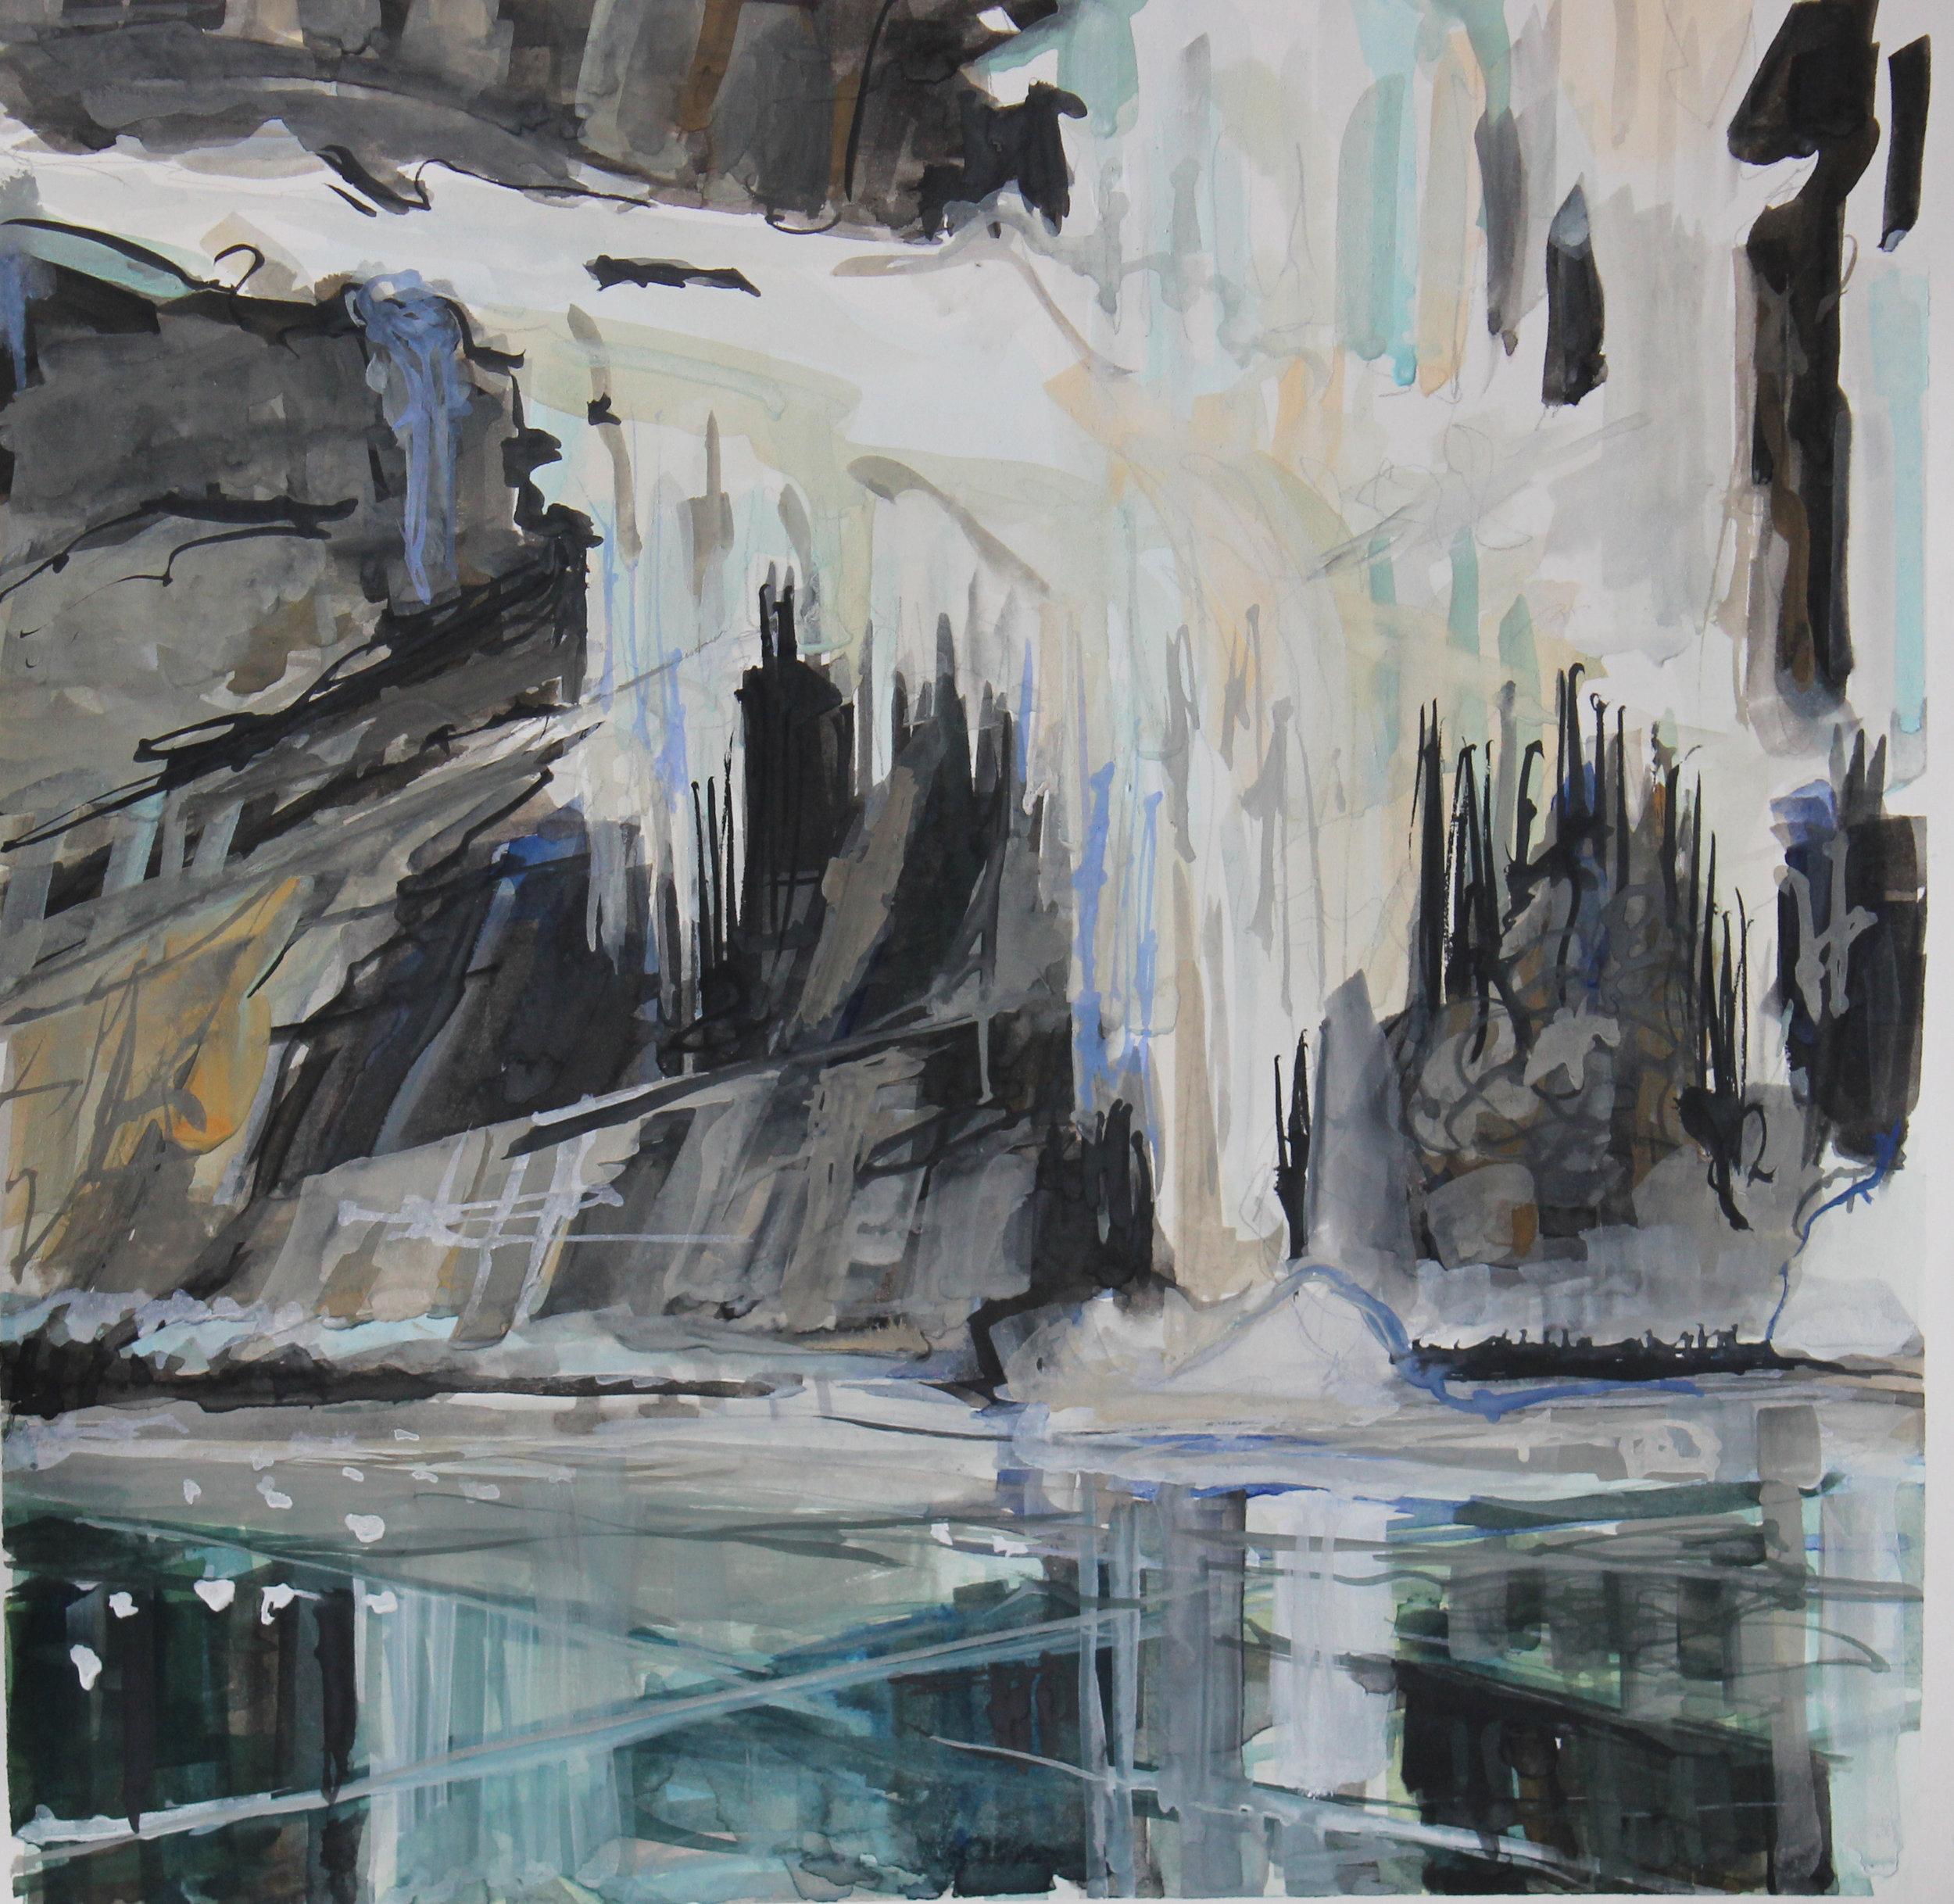 Icefall Fragile